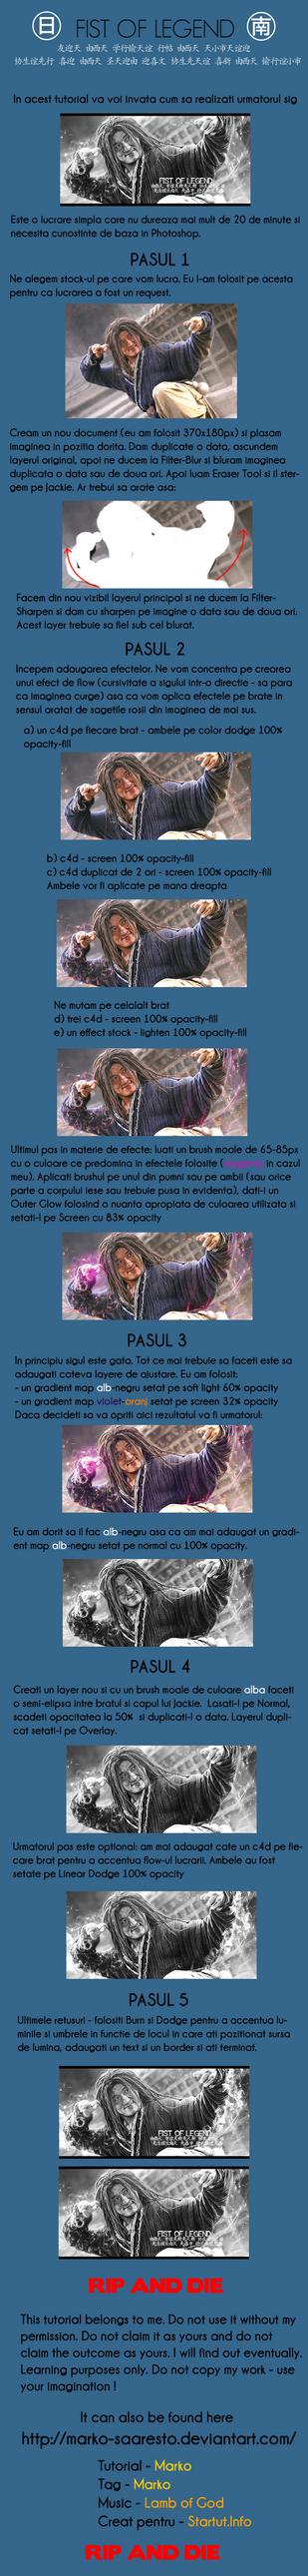 Fist of Legend sig tutorial by Marko-Saaresto